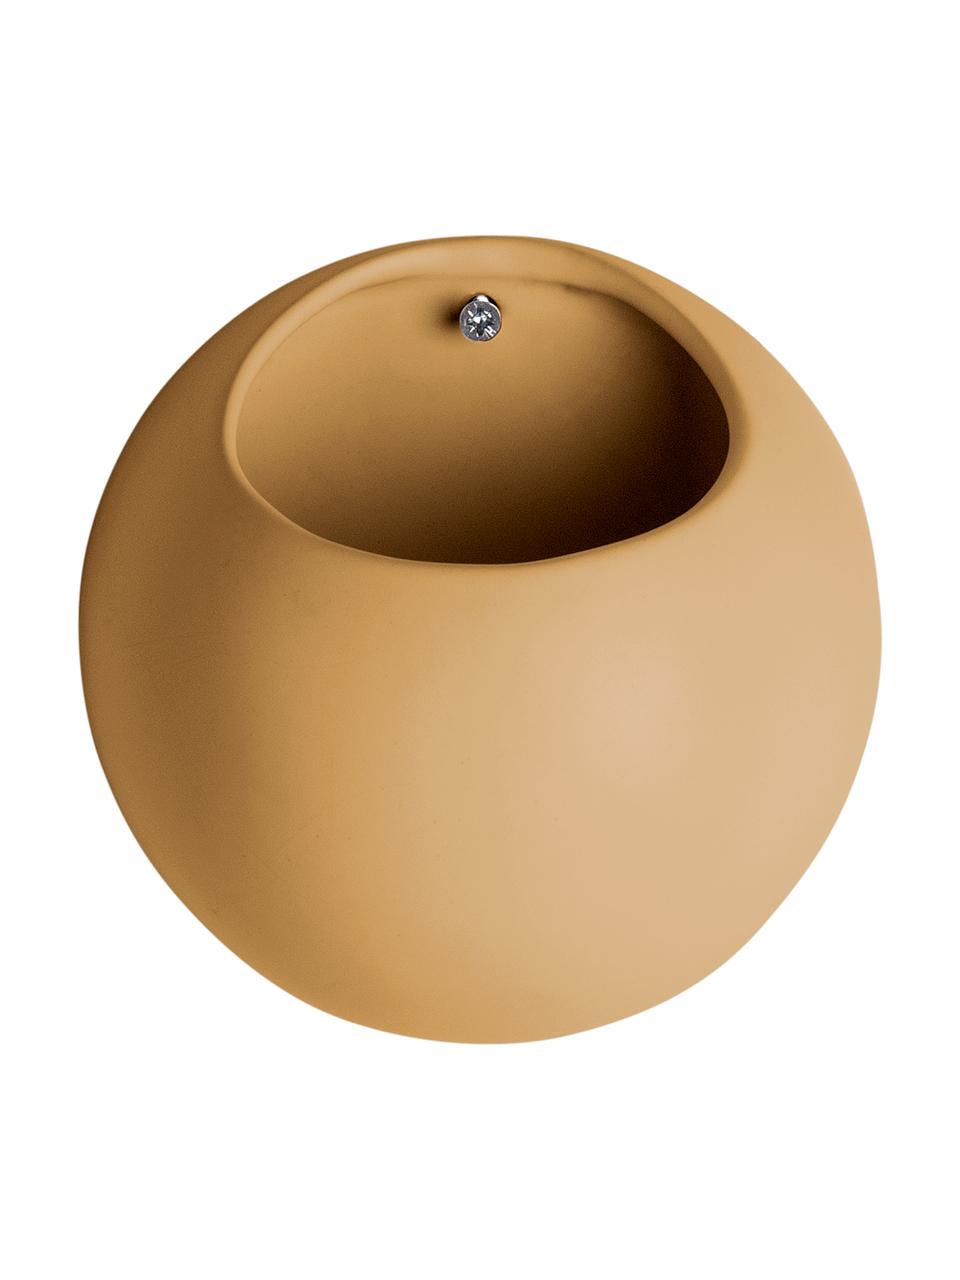 Ścienna osłonka na doniczkę z ceramiki Globe, Ceramika, Żółty, Ø 15 x W 10 cm